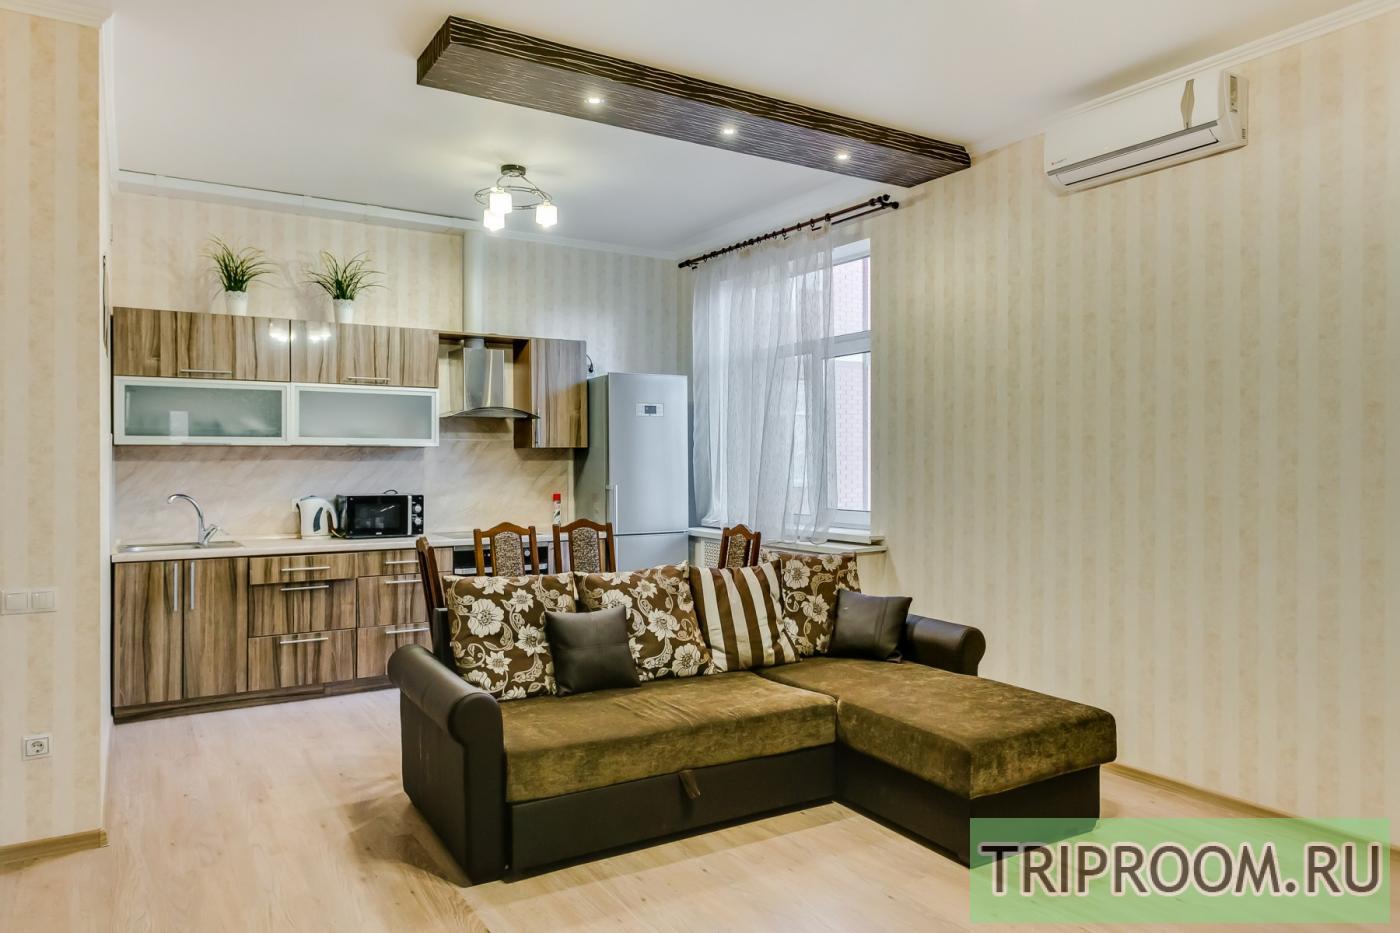 3-комнатная квартира посуточно (вариант № 23511), ул. Красноармейская улица, фото № 22